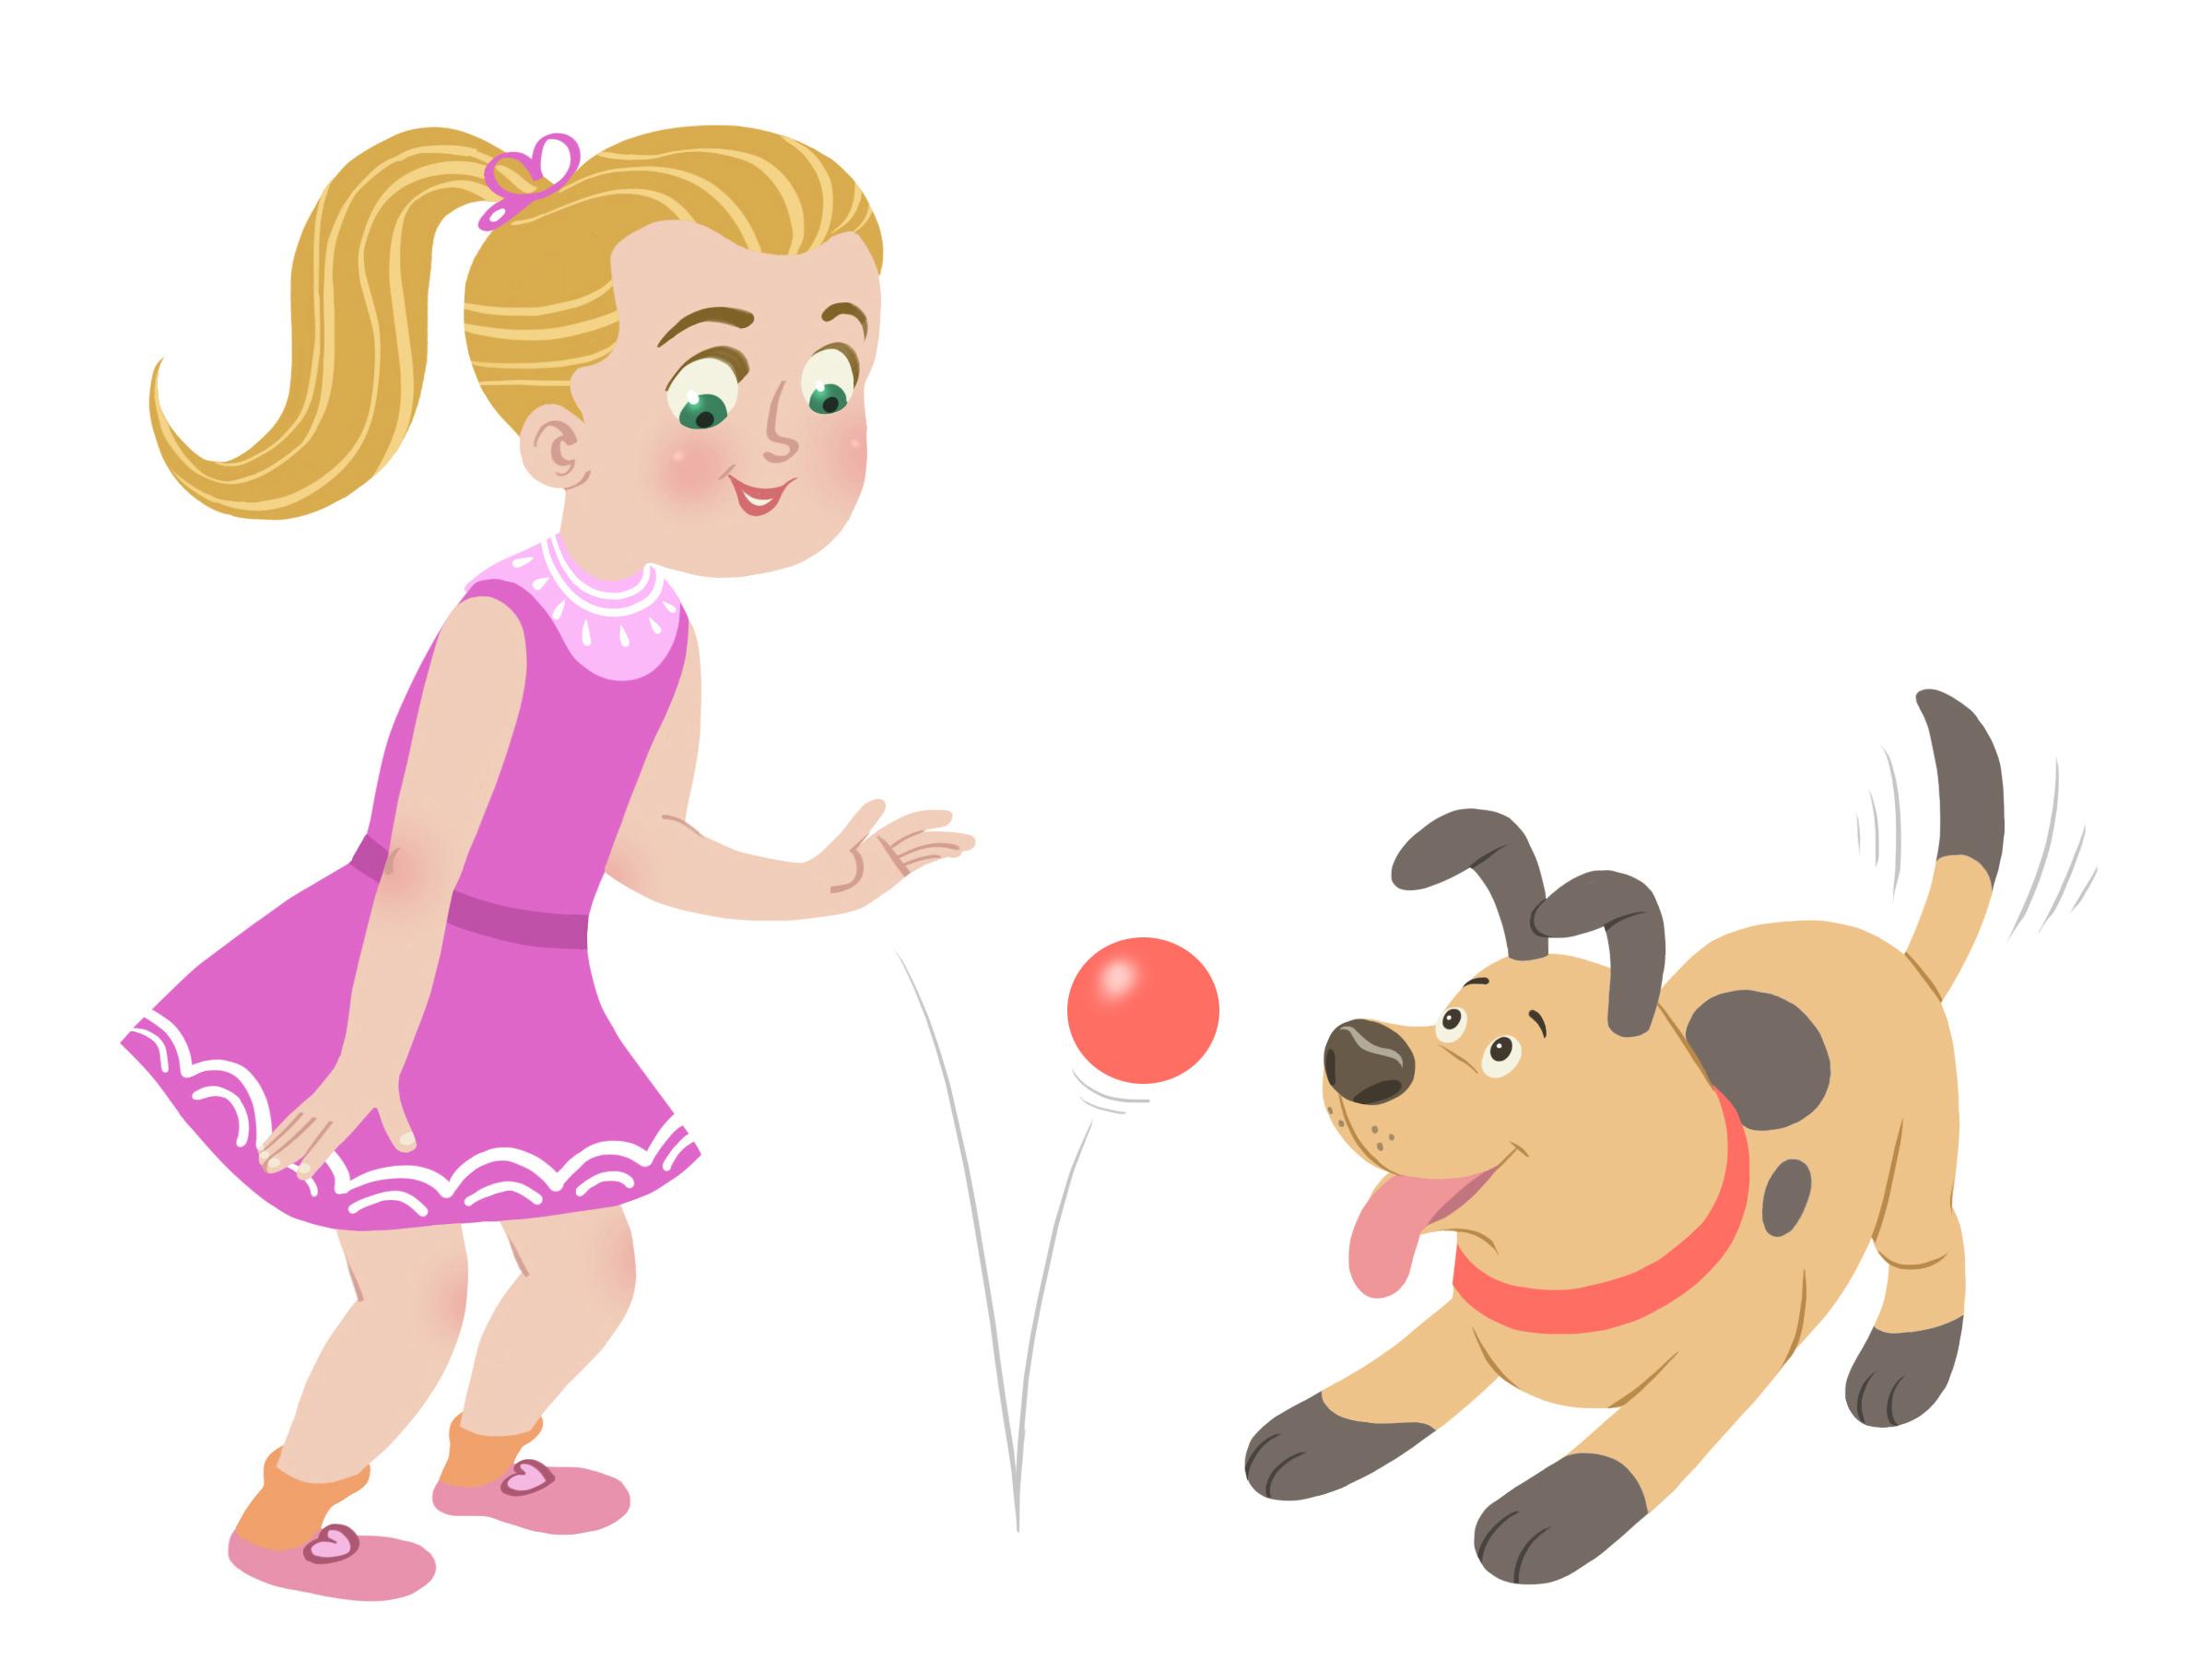 niño jugando a tenis